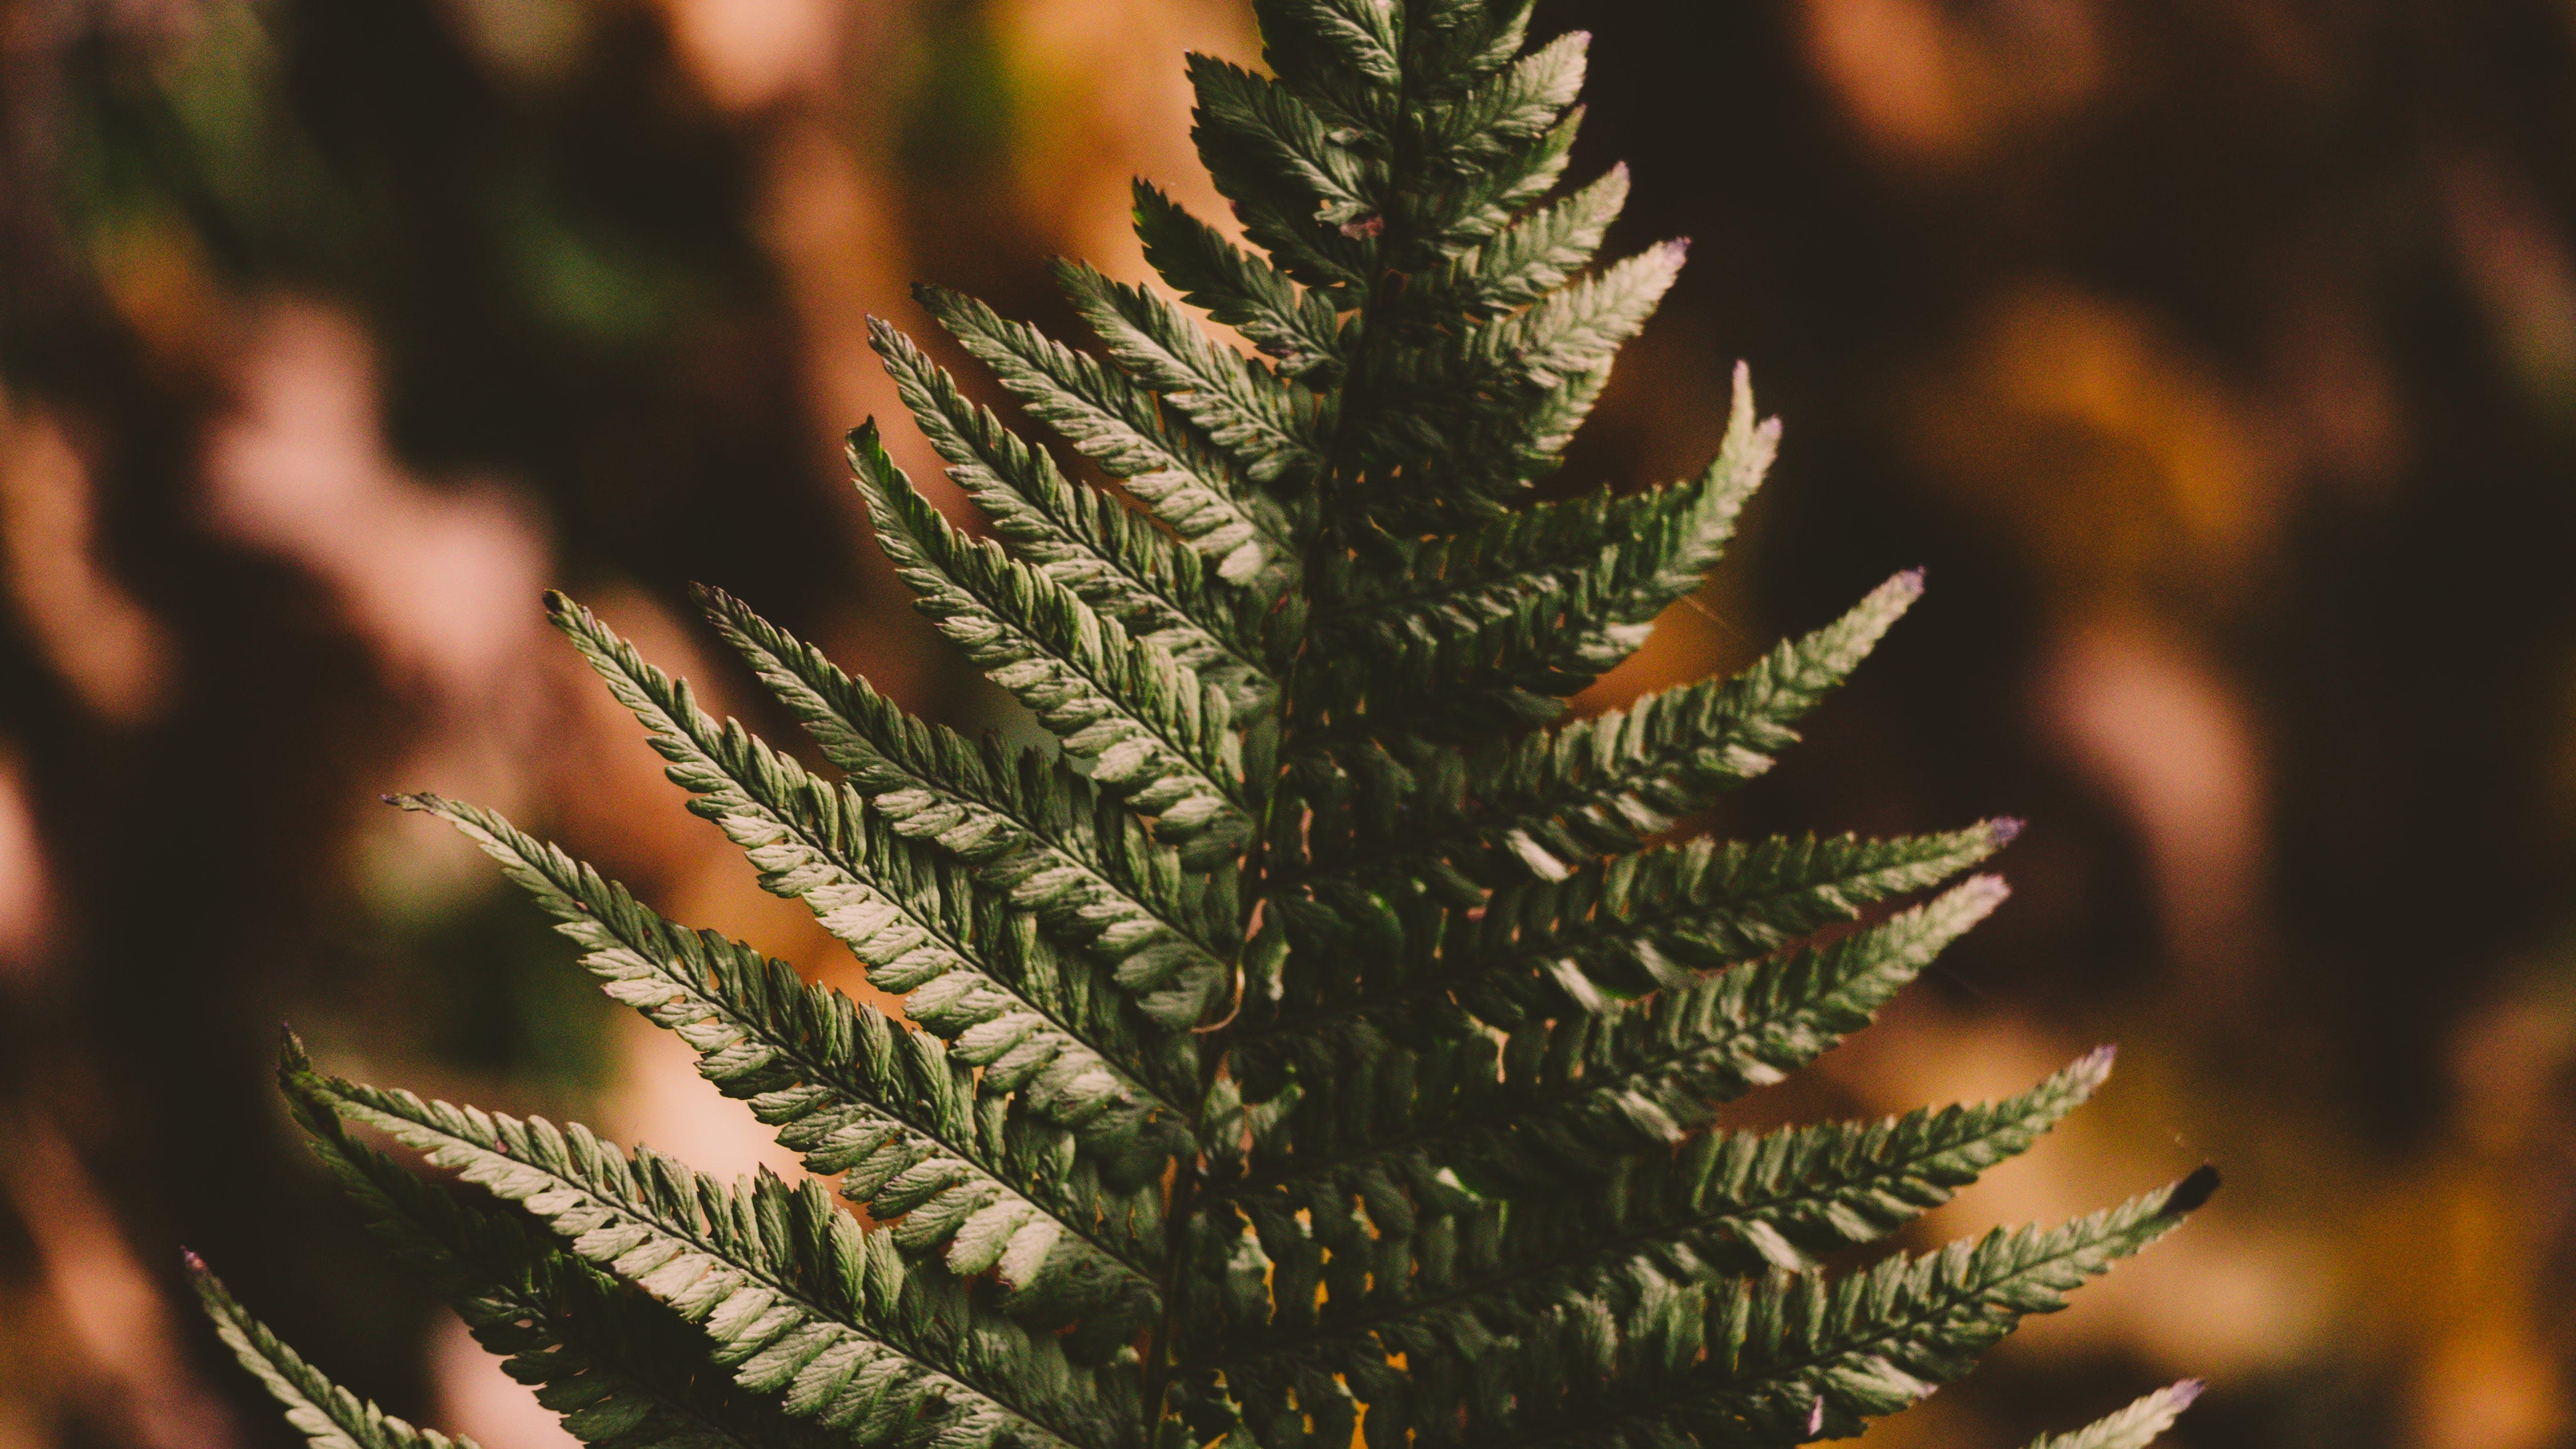 ぼかし, パターン, 成長, 環境の無料の写真素材